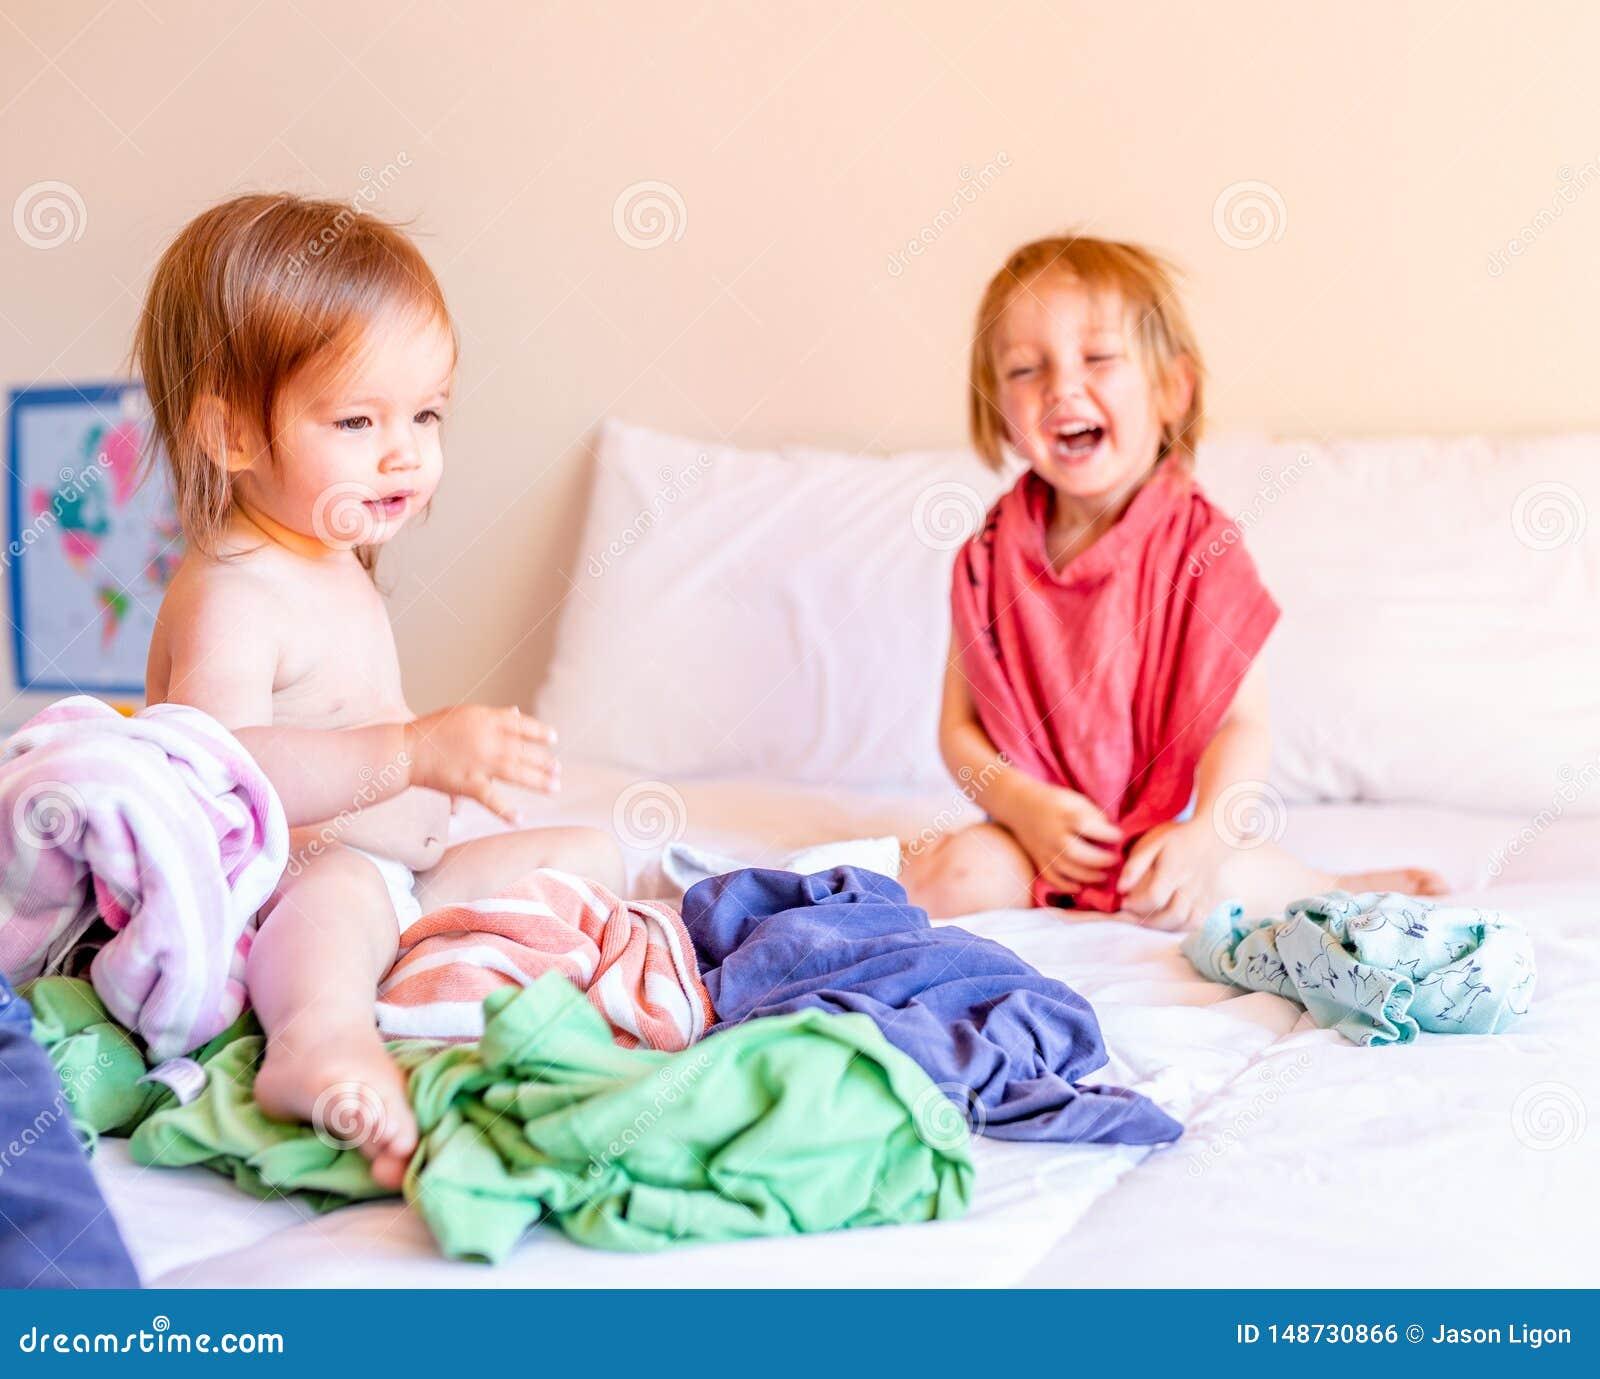 Busig syskongrupp Play i en h?g av tv?tterit p? s?ngen bolts muttrar f?r sammans?ttningsbegreppsfamilj